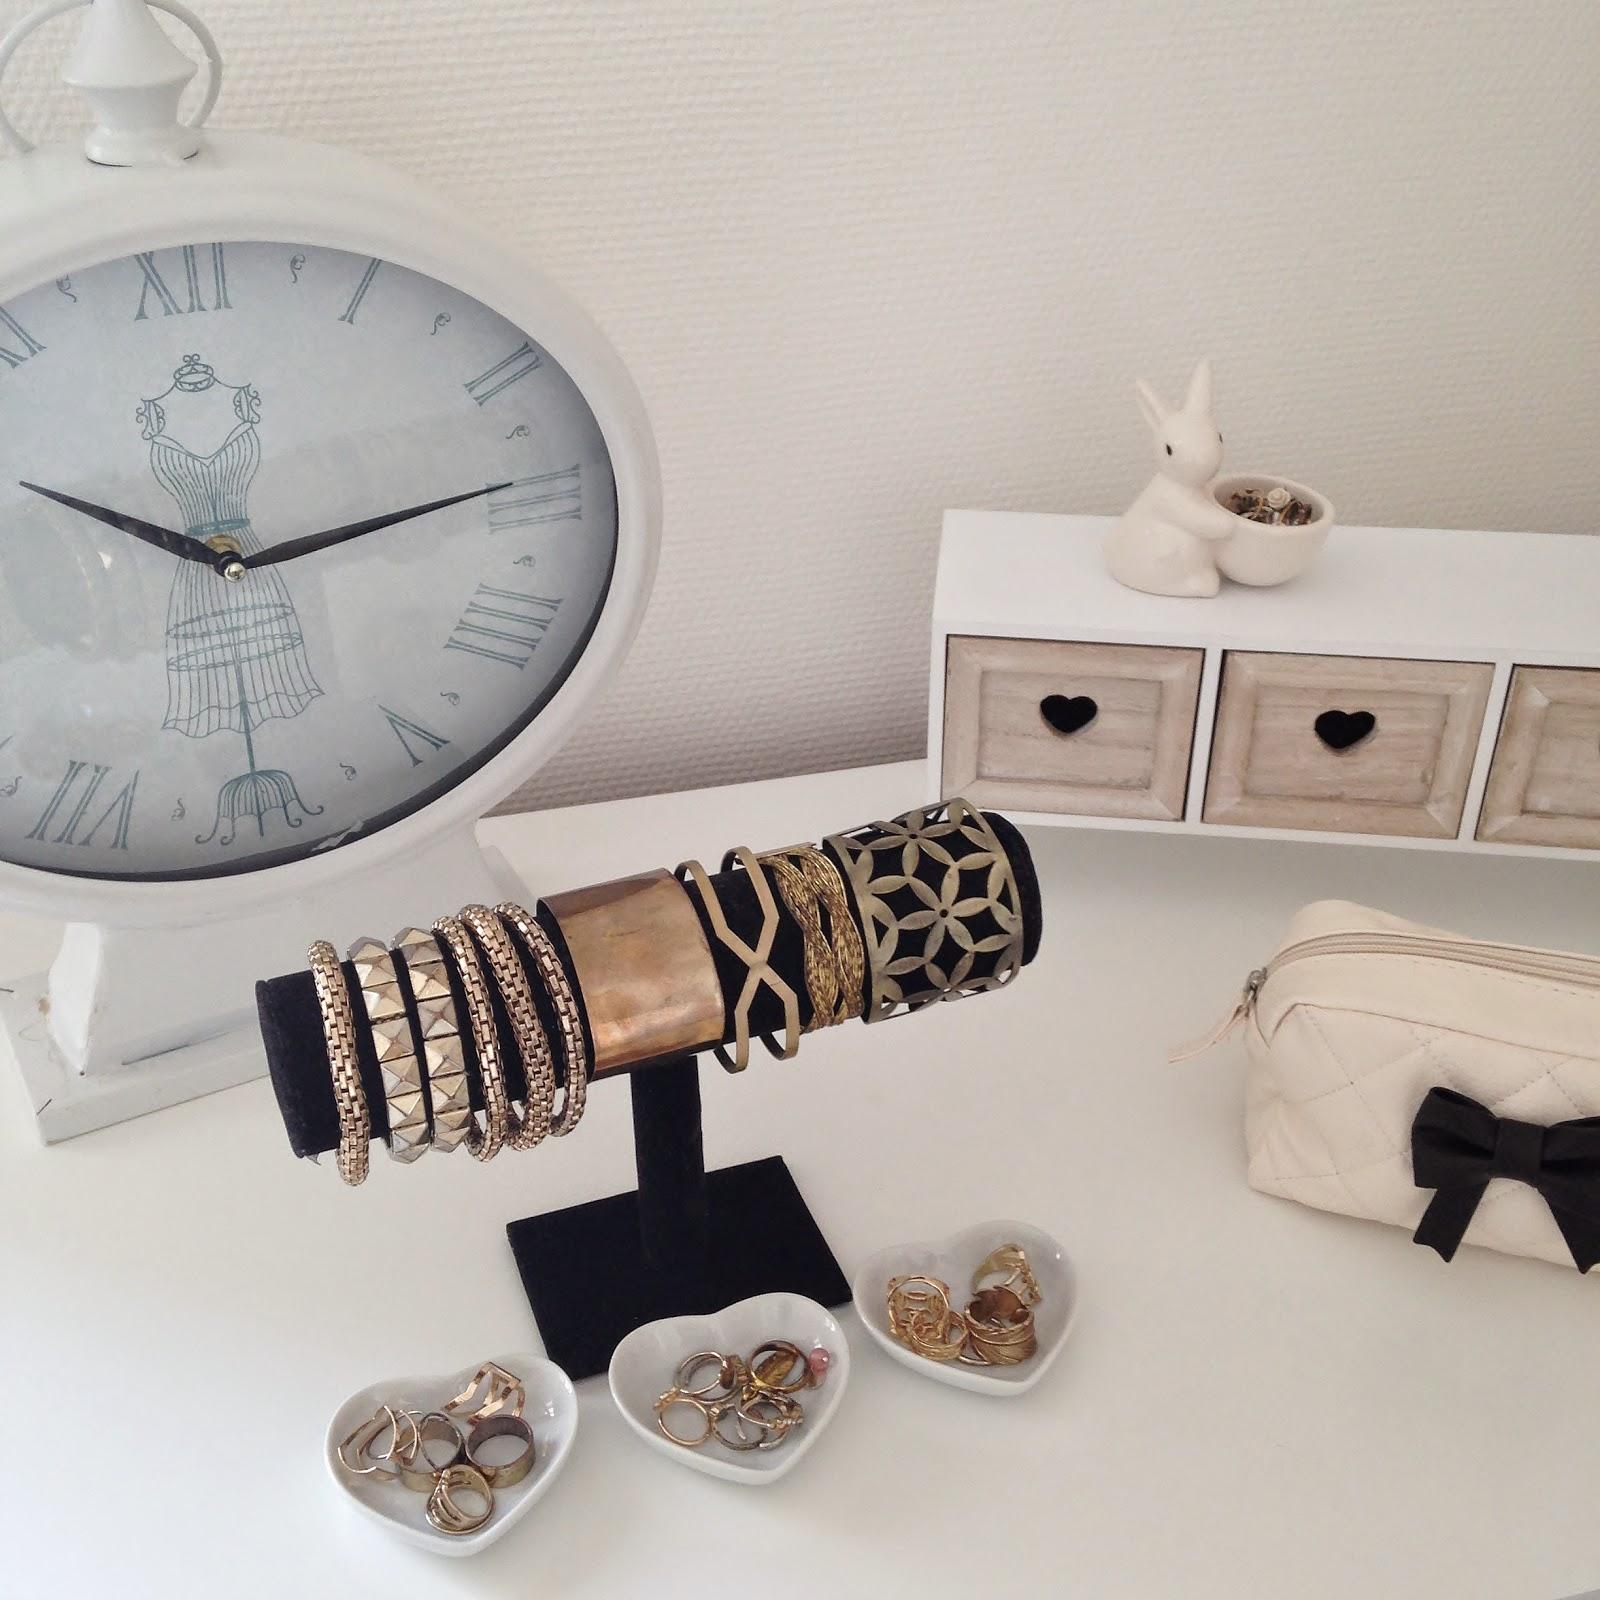 Miroir De Chambre Conforama : Enfin j'ai aménagé la commode avec mes bijoux et une jolie horloge …